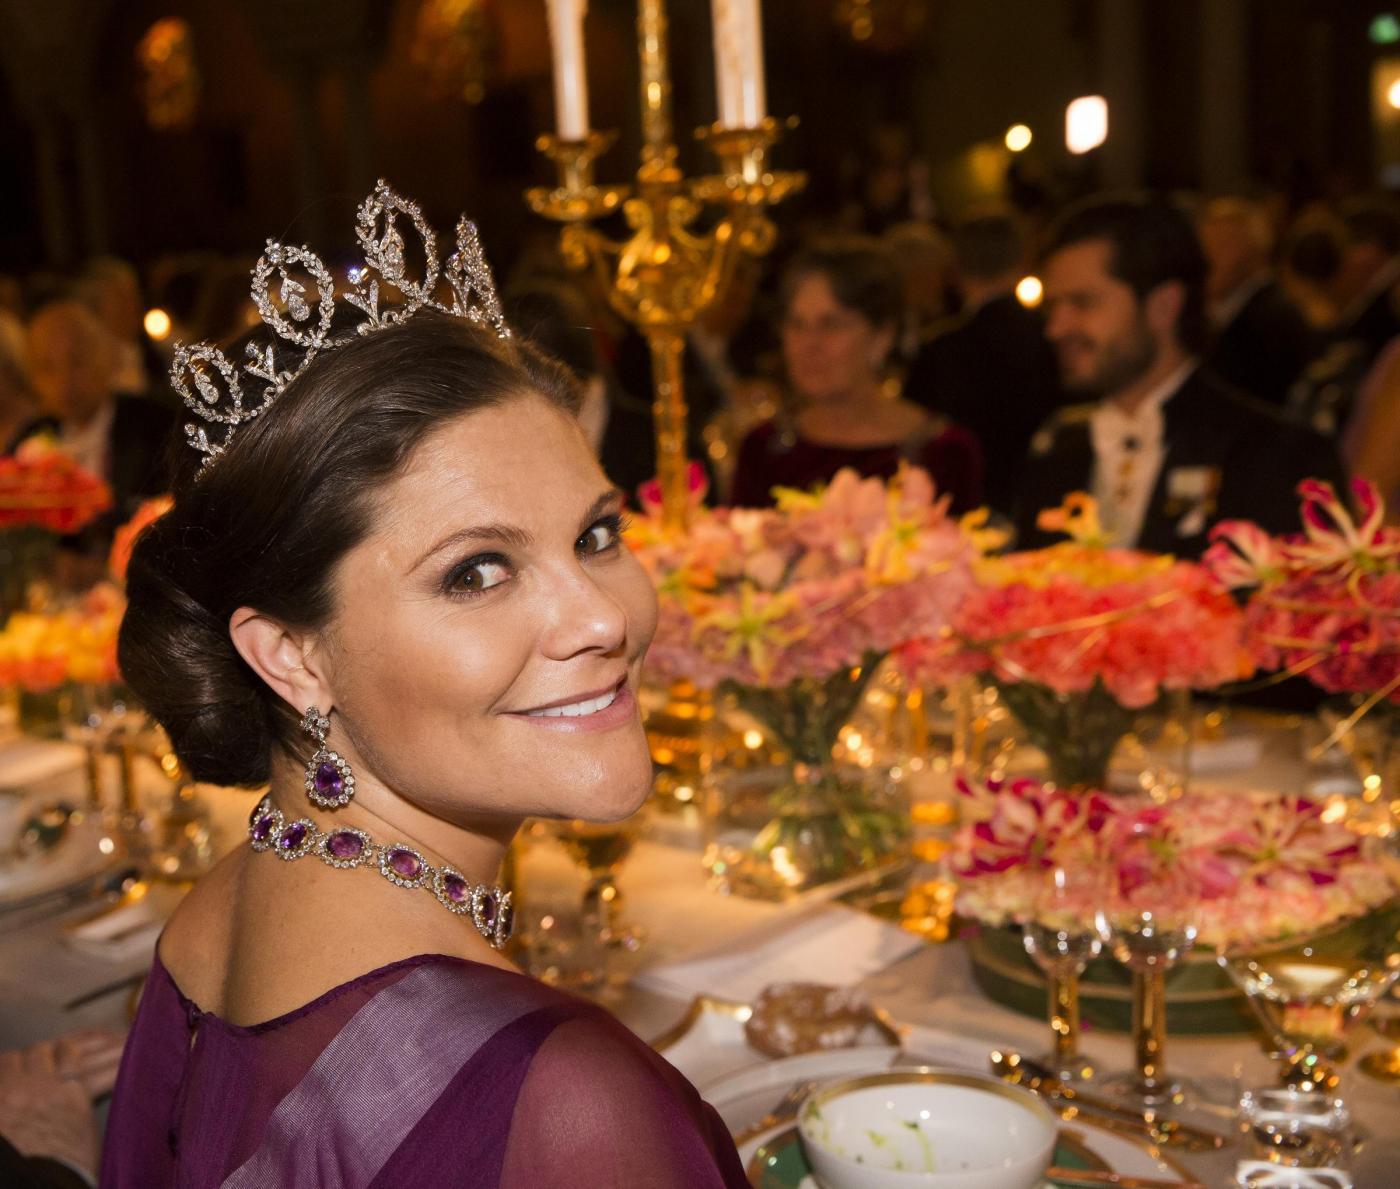 Nobel, principessa di Svezia incinta con abito a vita alta6